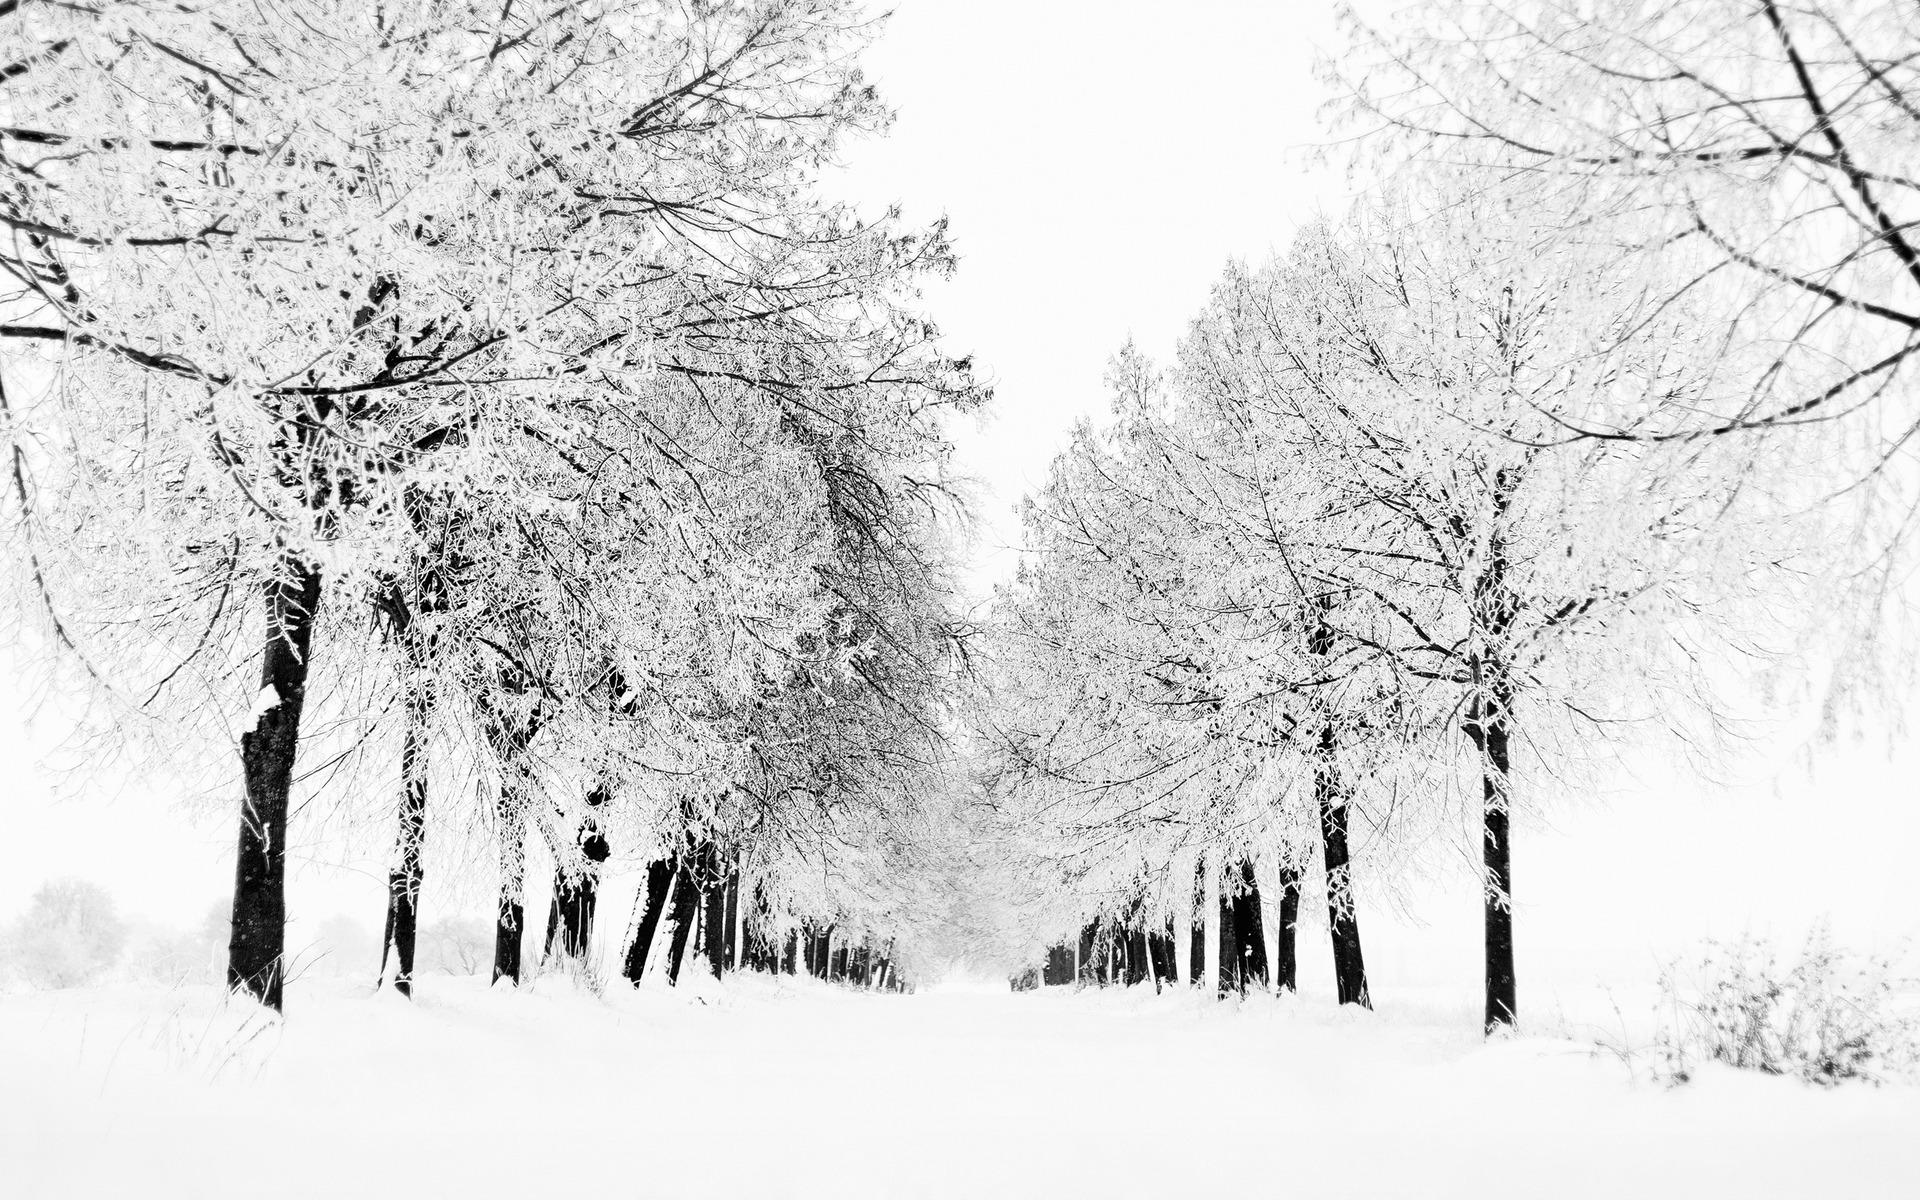 снежно-белая зима загрузить